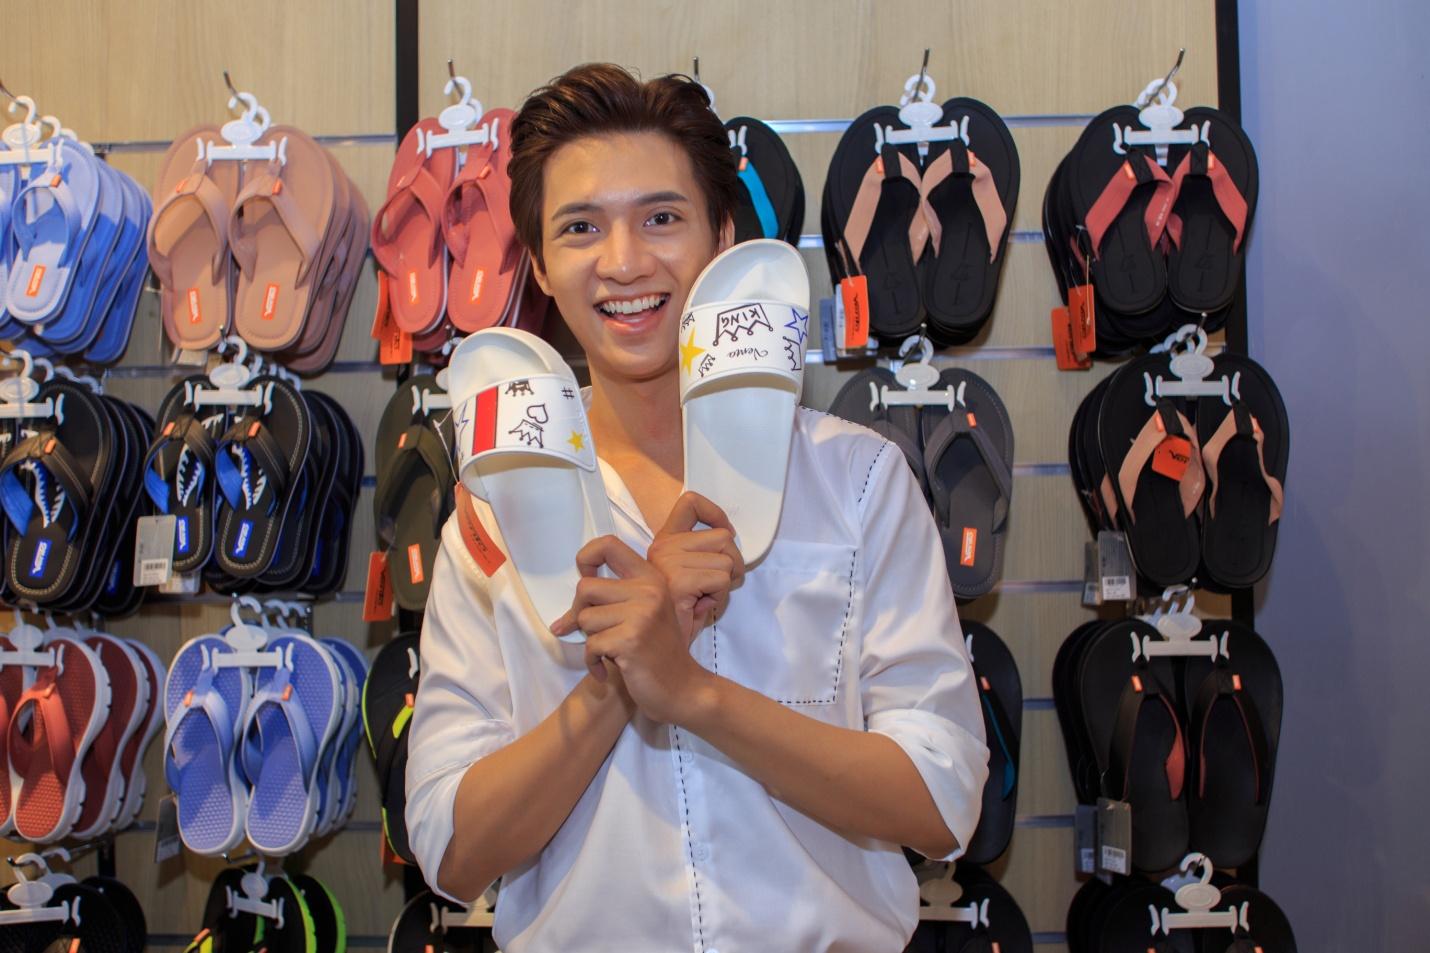 Không có người nổi tiếng làm đại diện, thương hiệu giày dép VENTO vẫn được giới trẻ săn lùng - Ảnh 4.